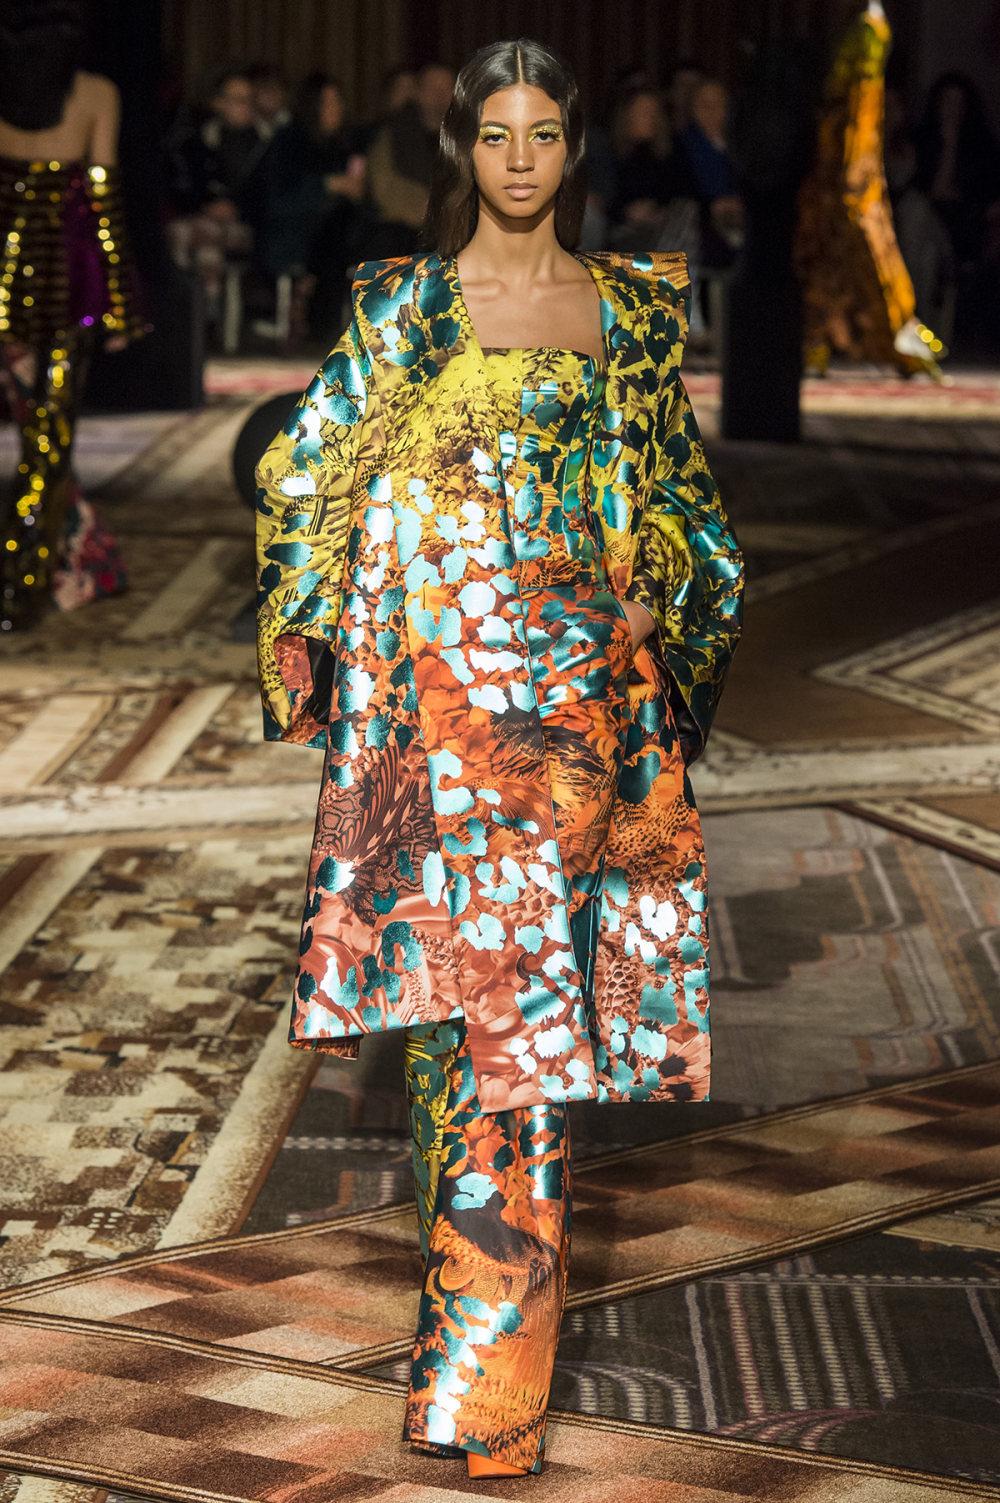 Halpern时装系列将幻想印花应用于宽大的缎面外套展示垂褶技巧-33.jpg